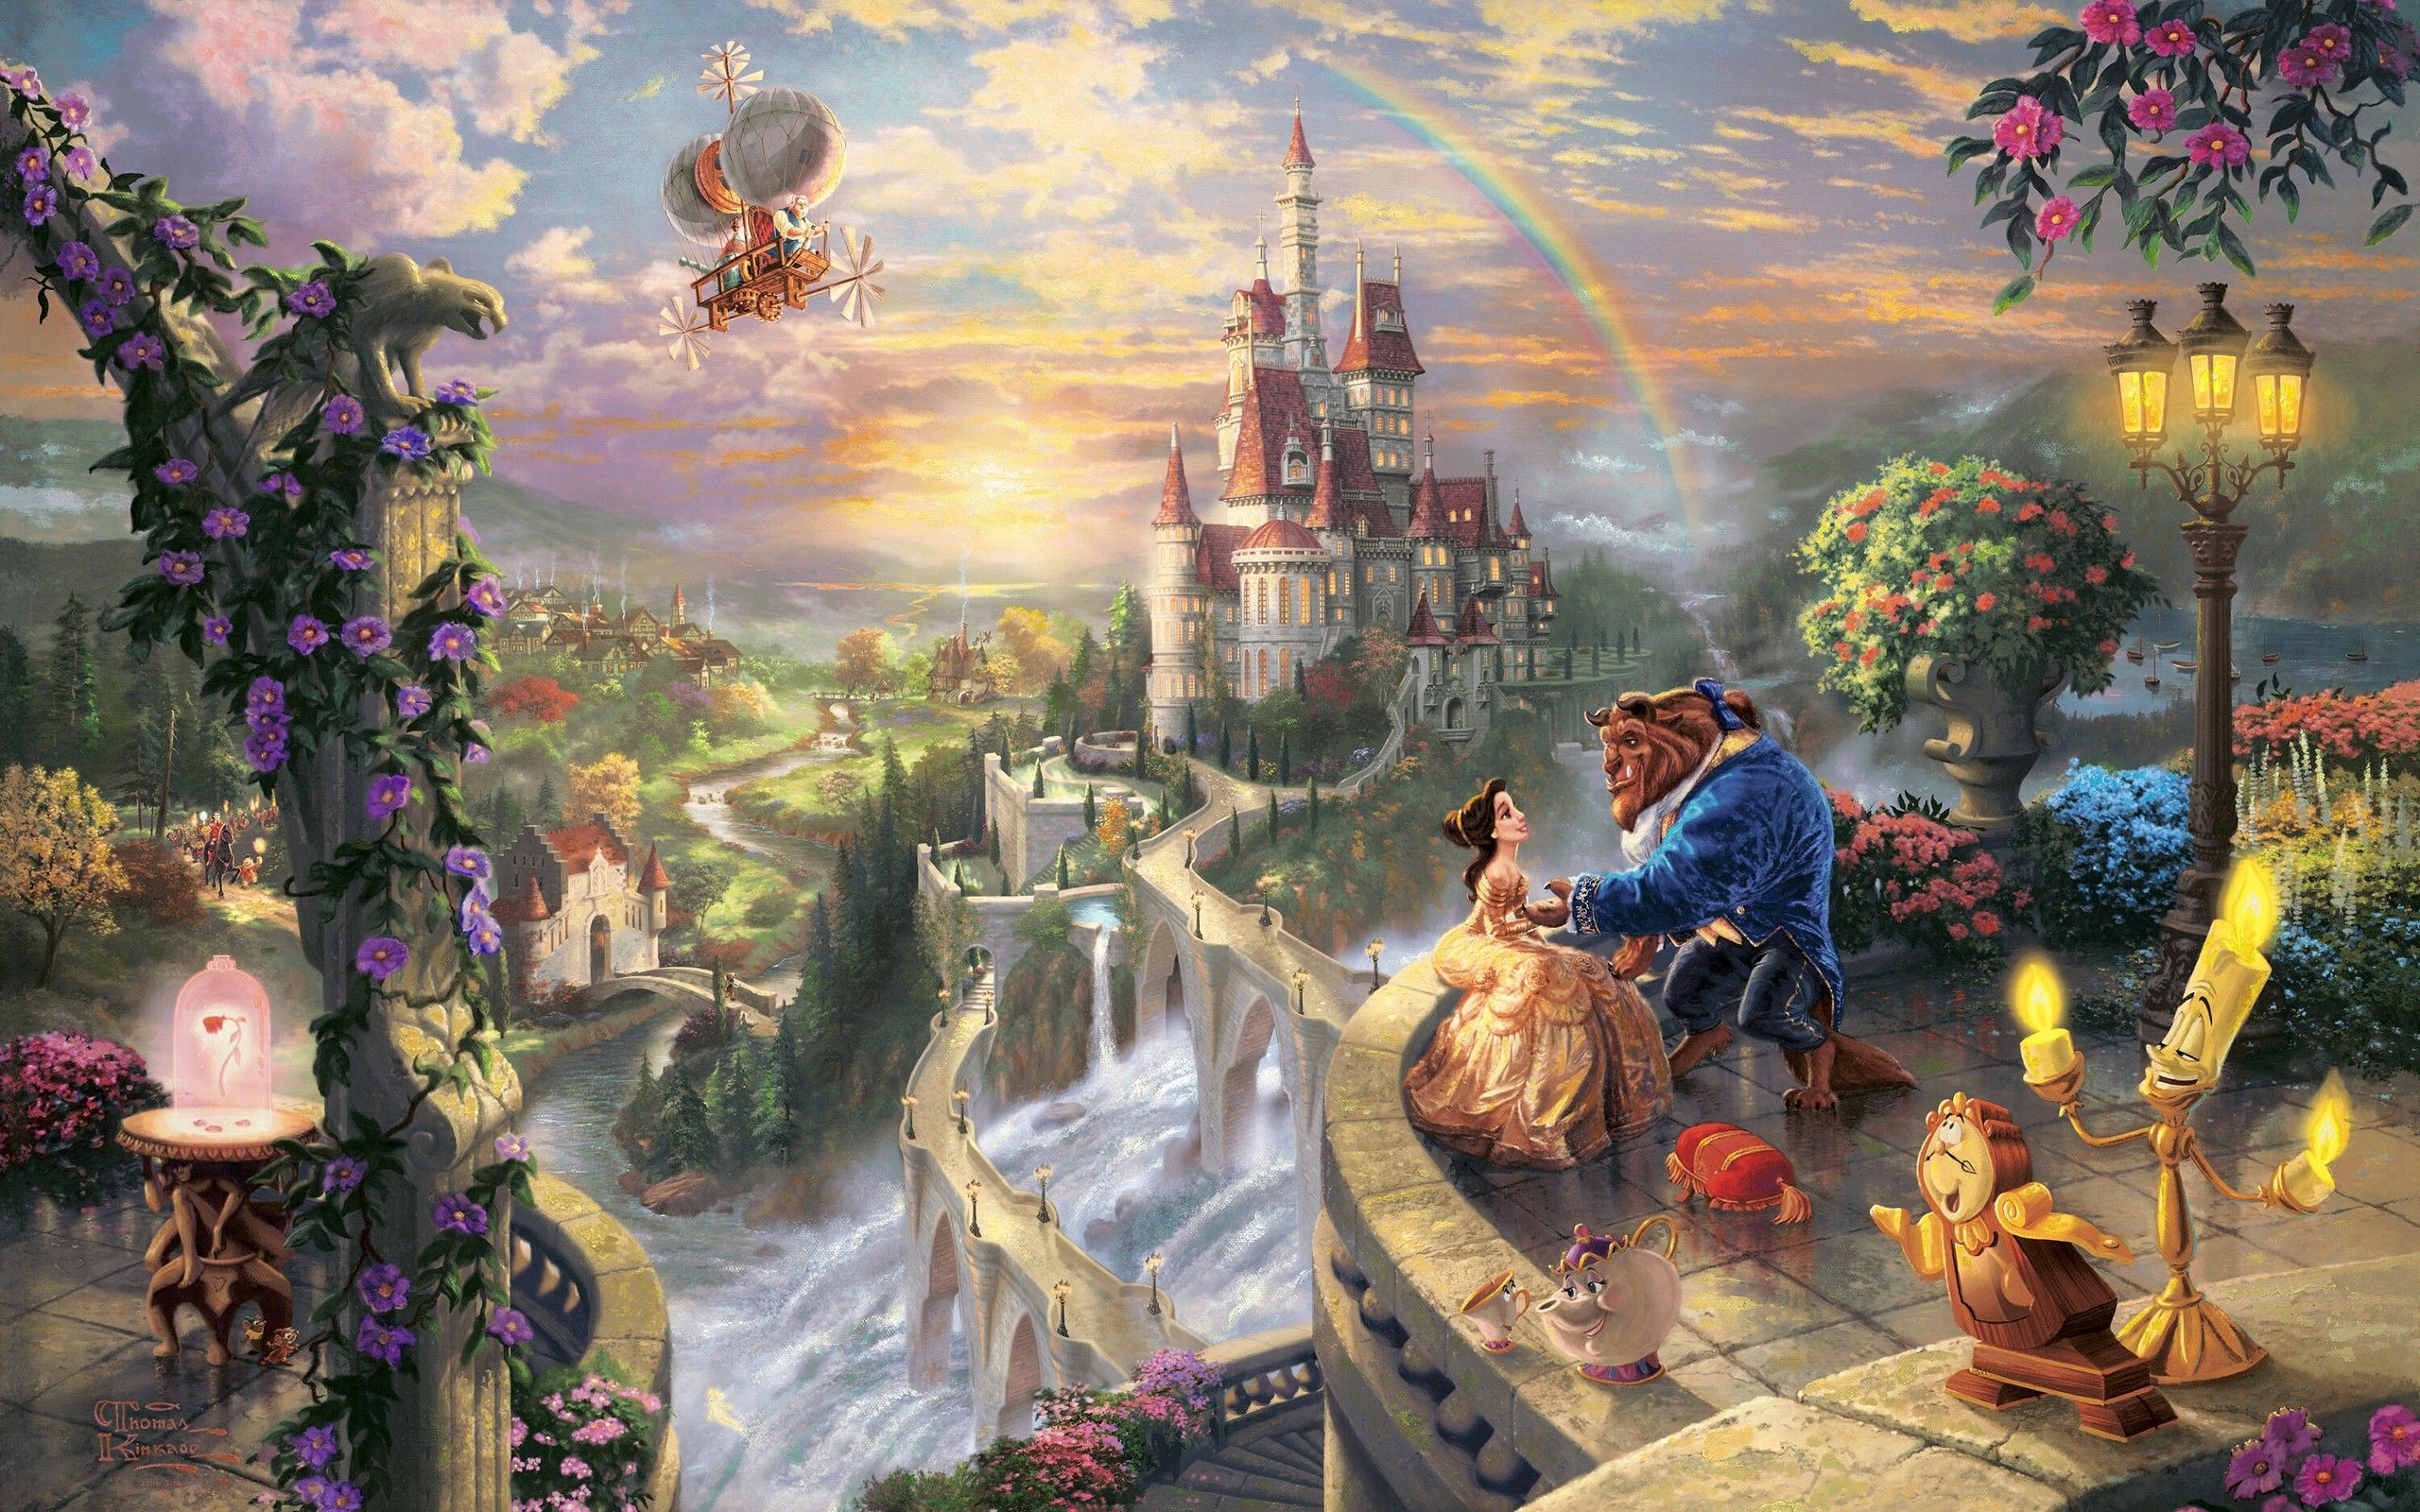 Billede fra http://www.wallpaperup.com/uploads/wallpapers/2012/08/04/8238/2bab76a814e183272ac064c0b7b48743.jpg.